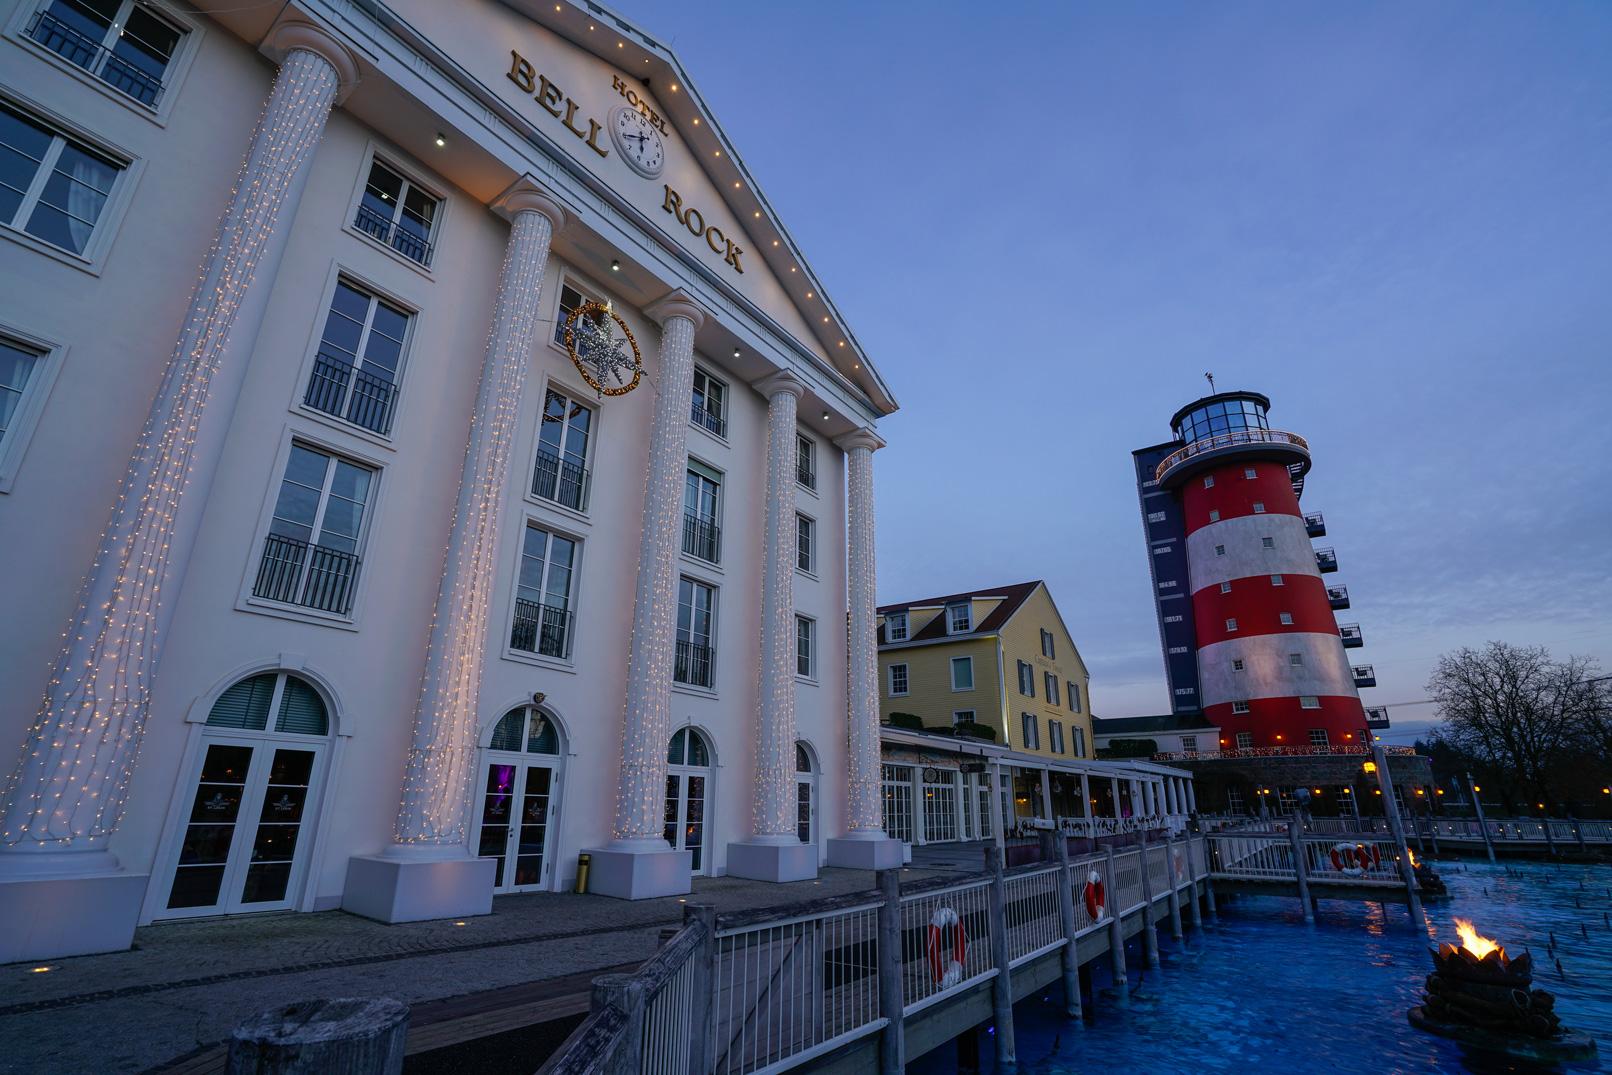 Front eines Hotels, aufgenommen zur blauen Stunde